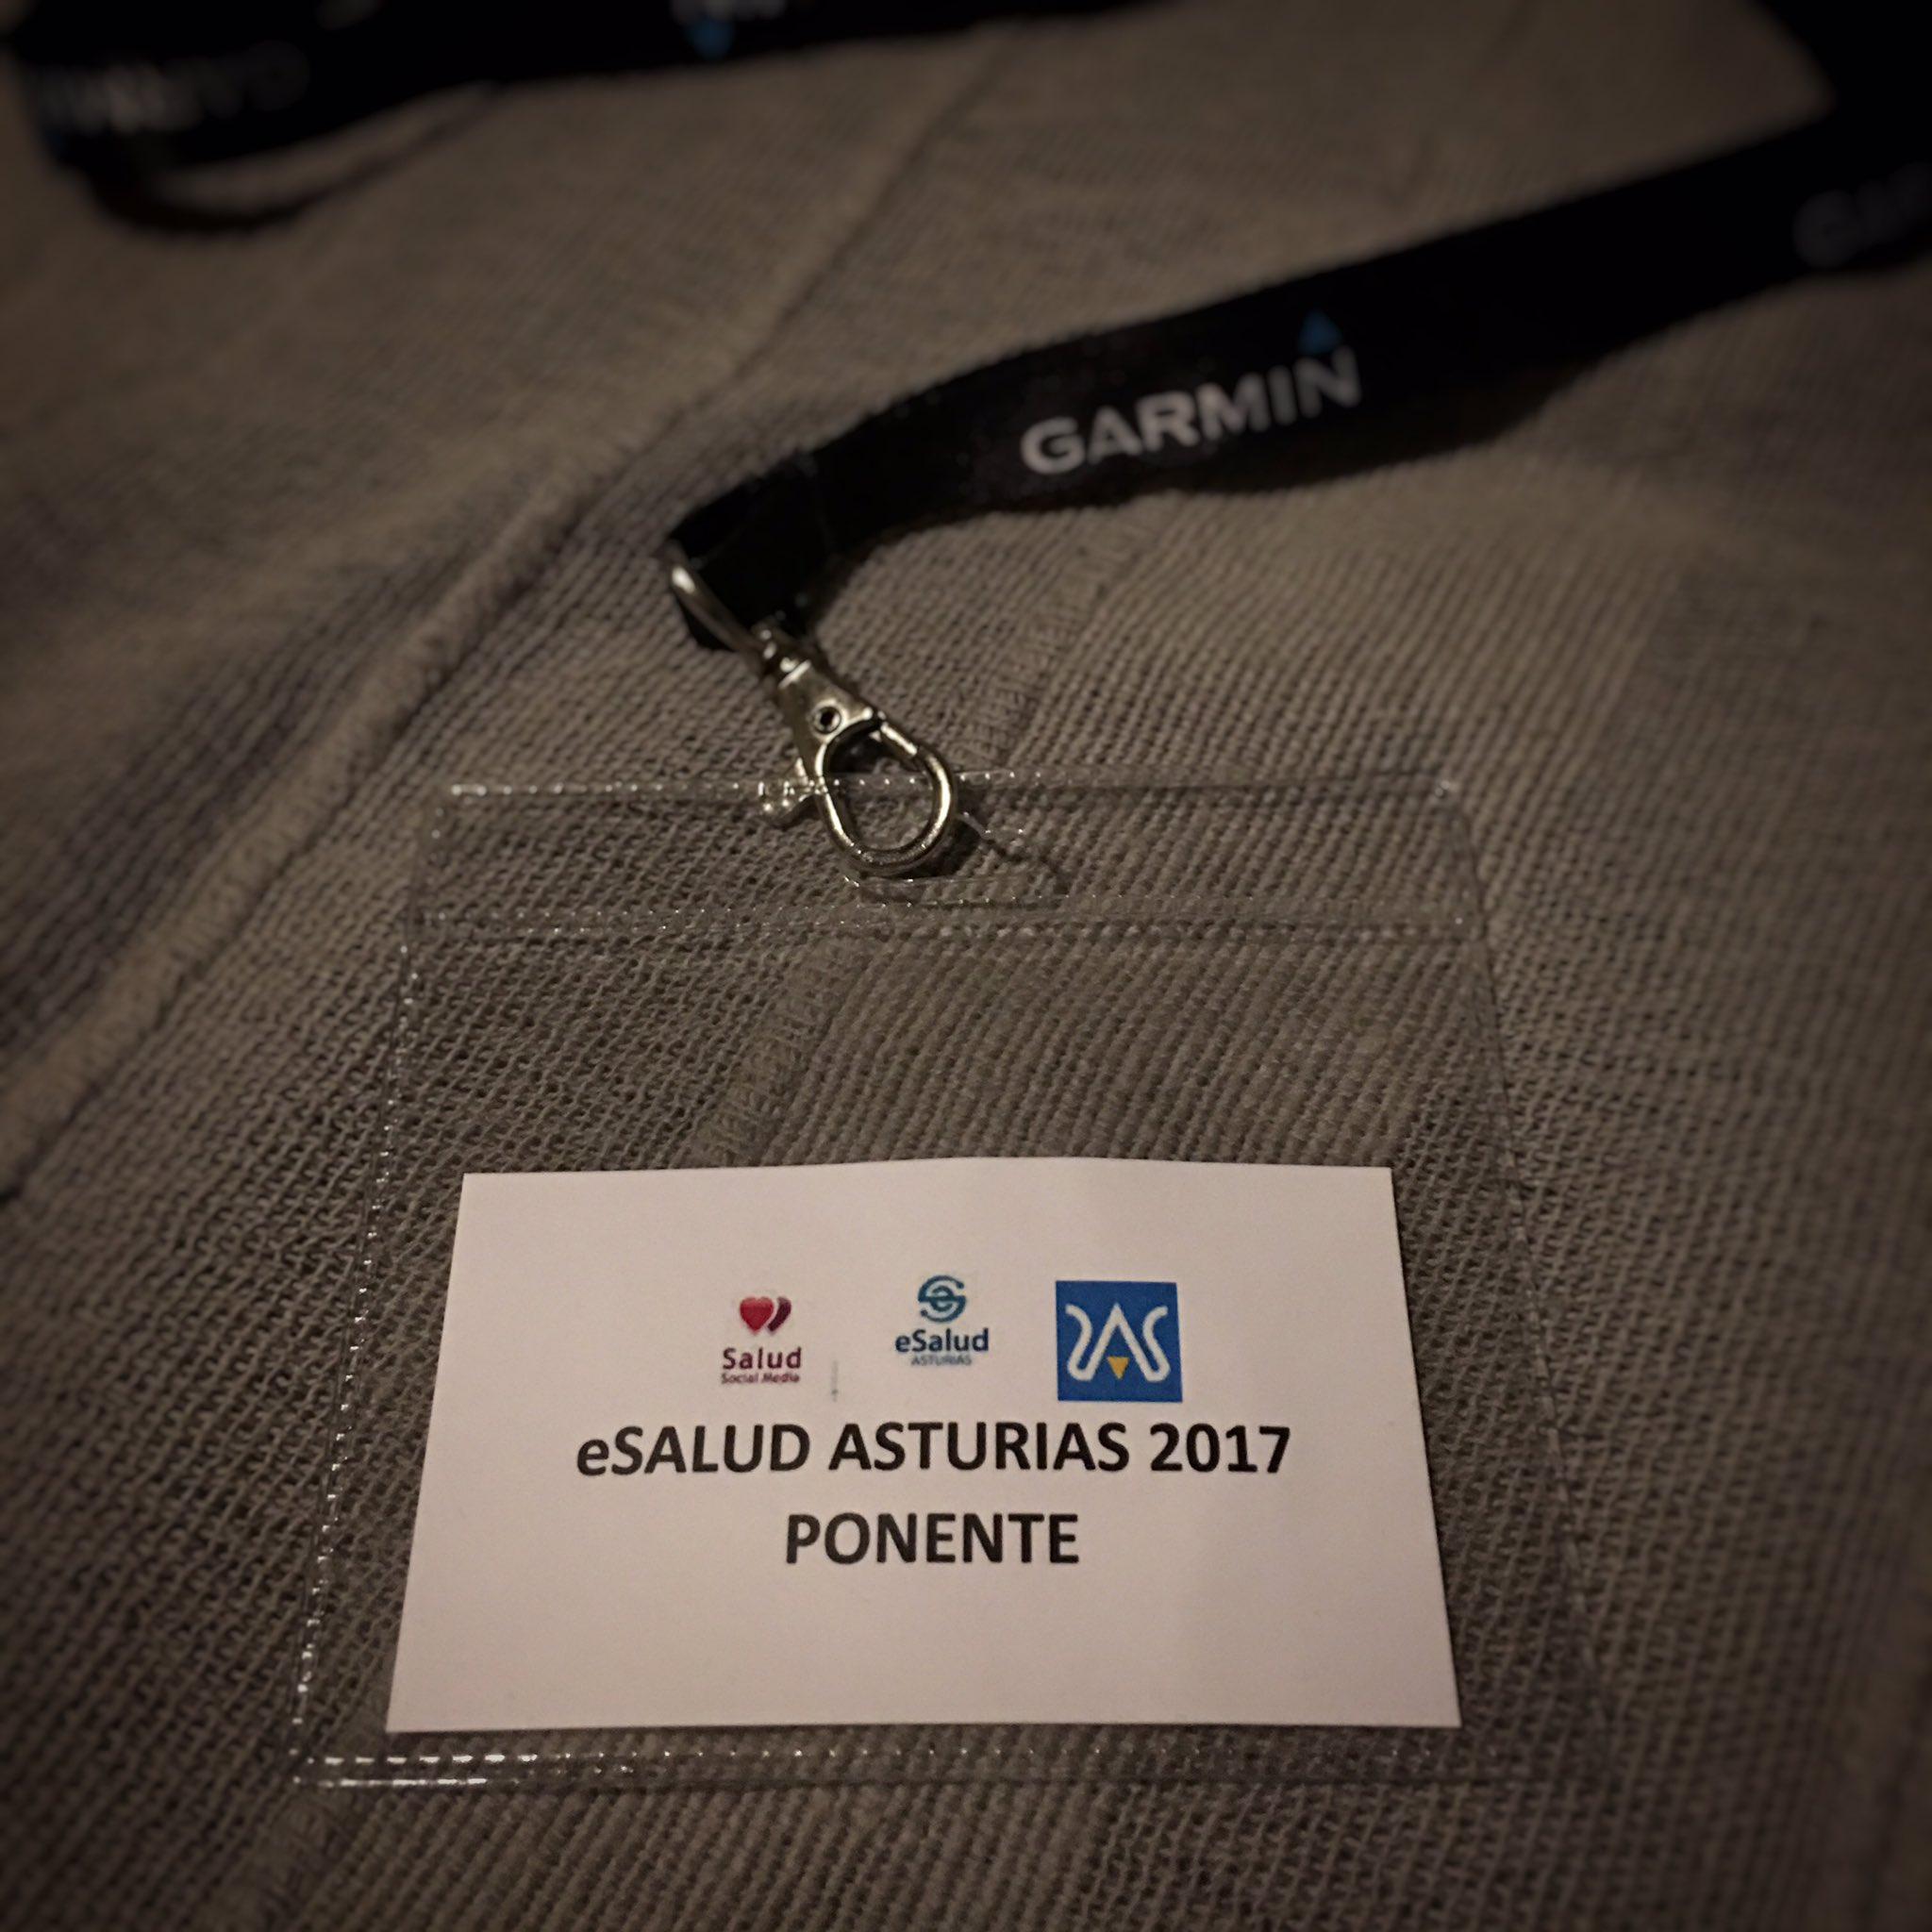 Muy agradecido por haber participado en las jornadas #esast17 #ehealth #esalud @ignacioFALBERTI @SaludSM @JD_Branding @BiocrewInvest y más https://t.co/psoTMYyZ9N